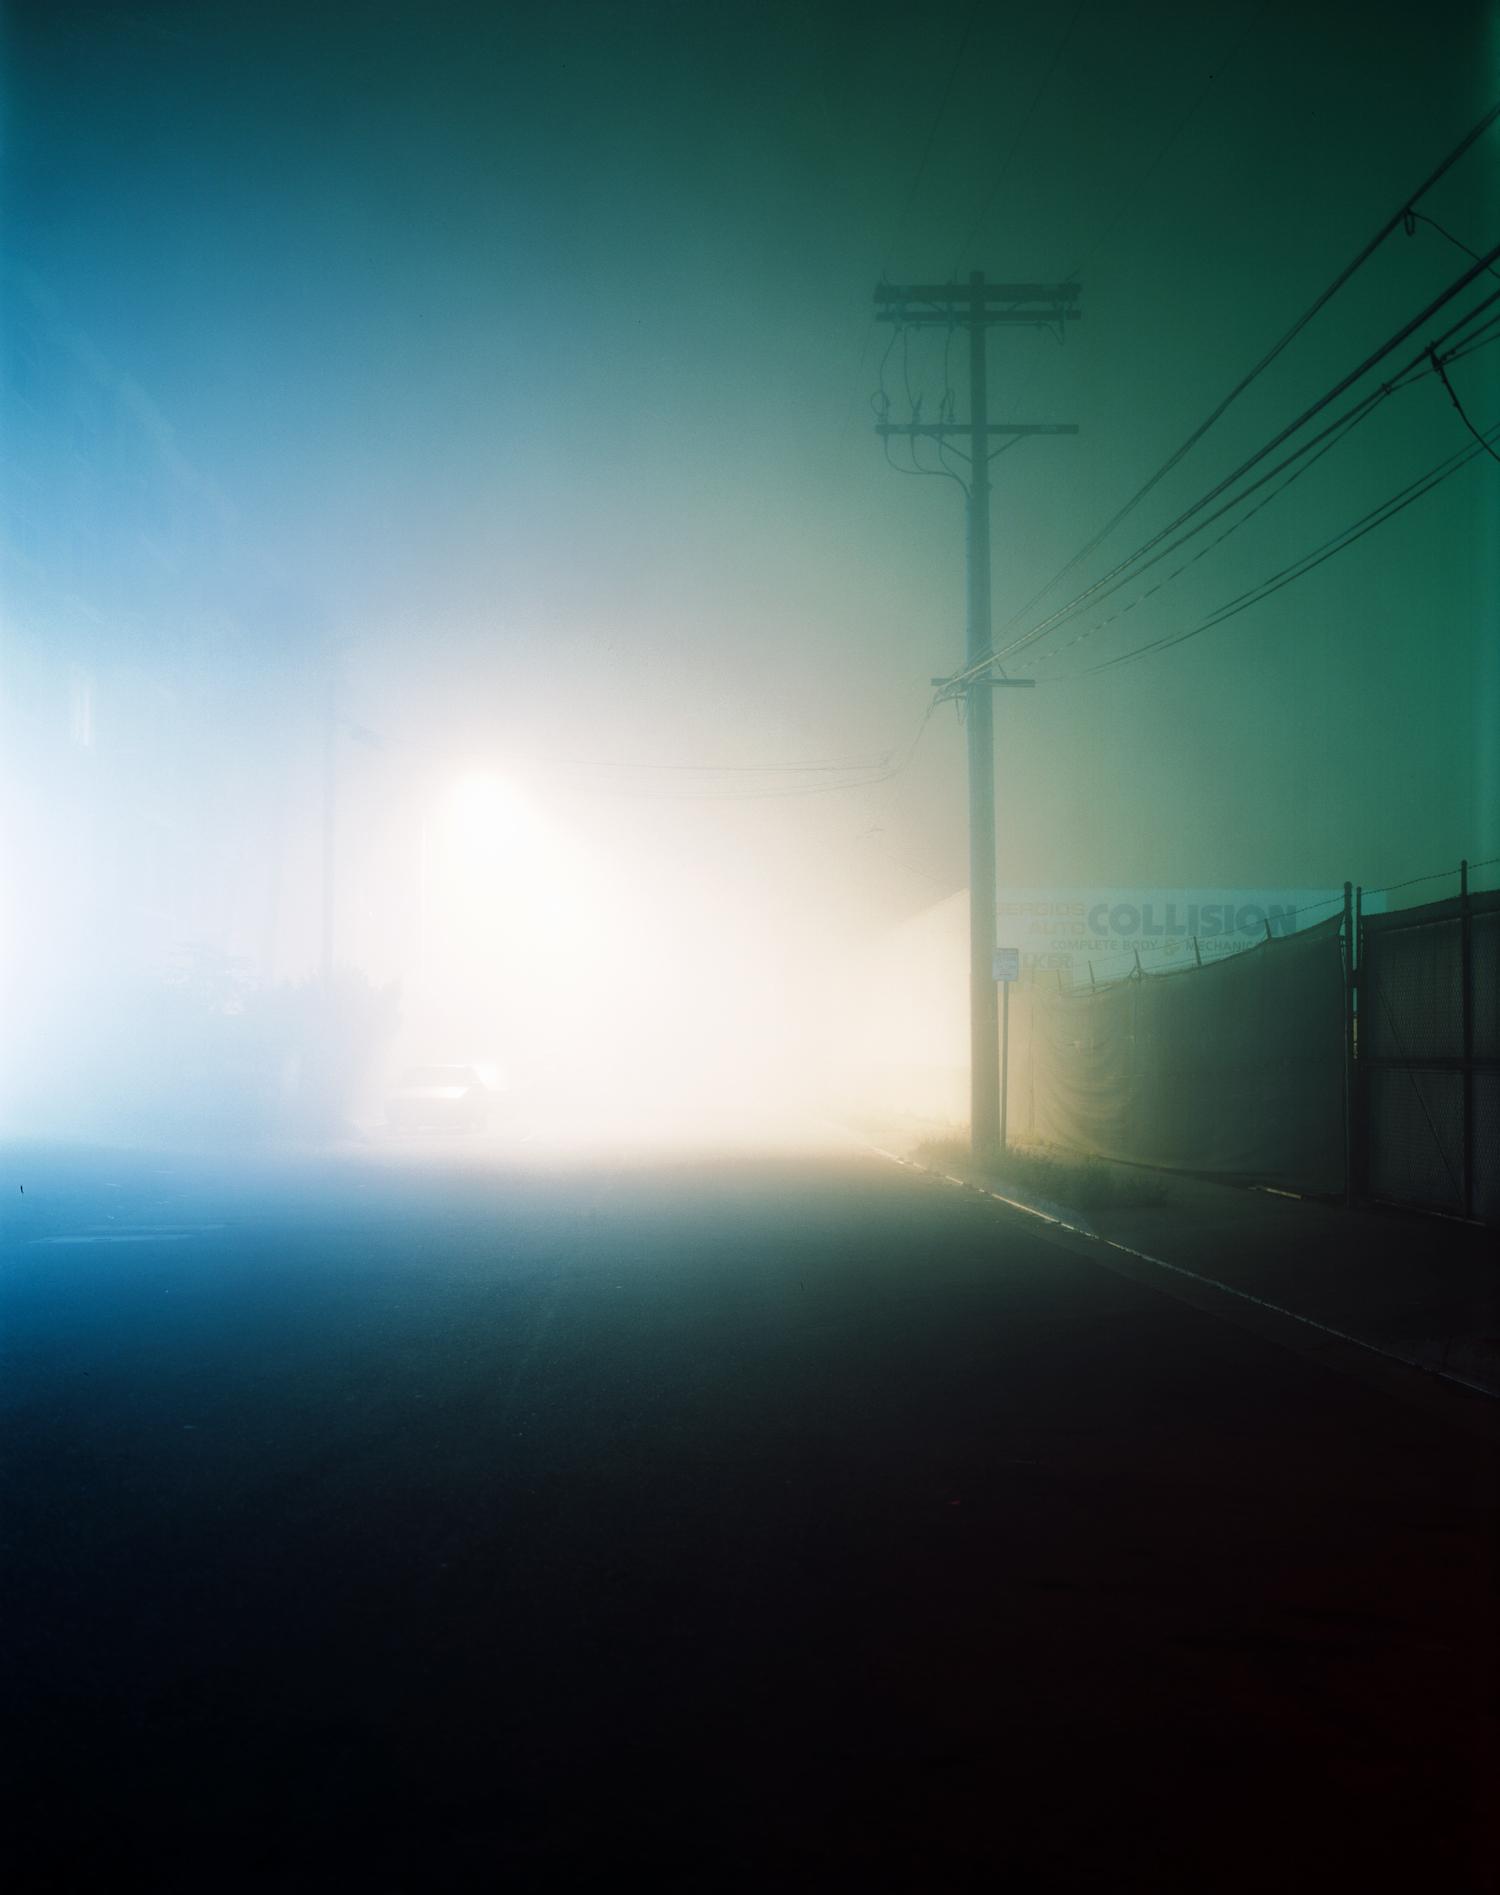 Collision, Marina Del Rey, CA.